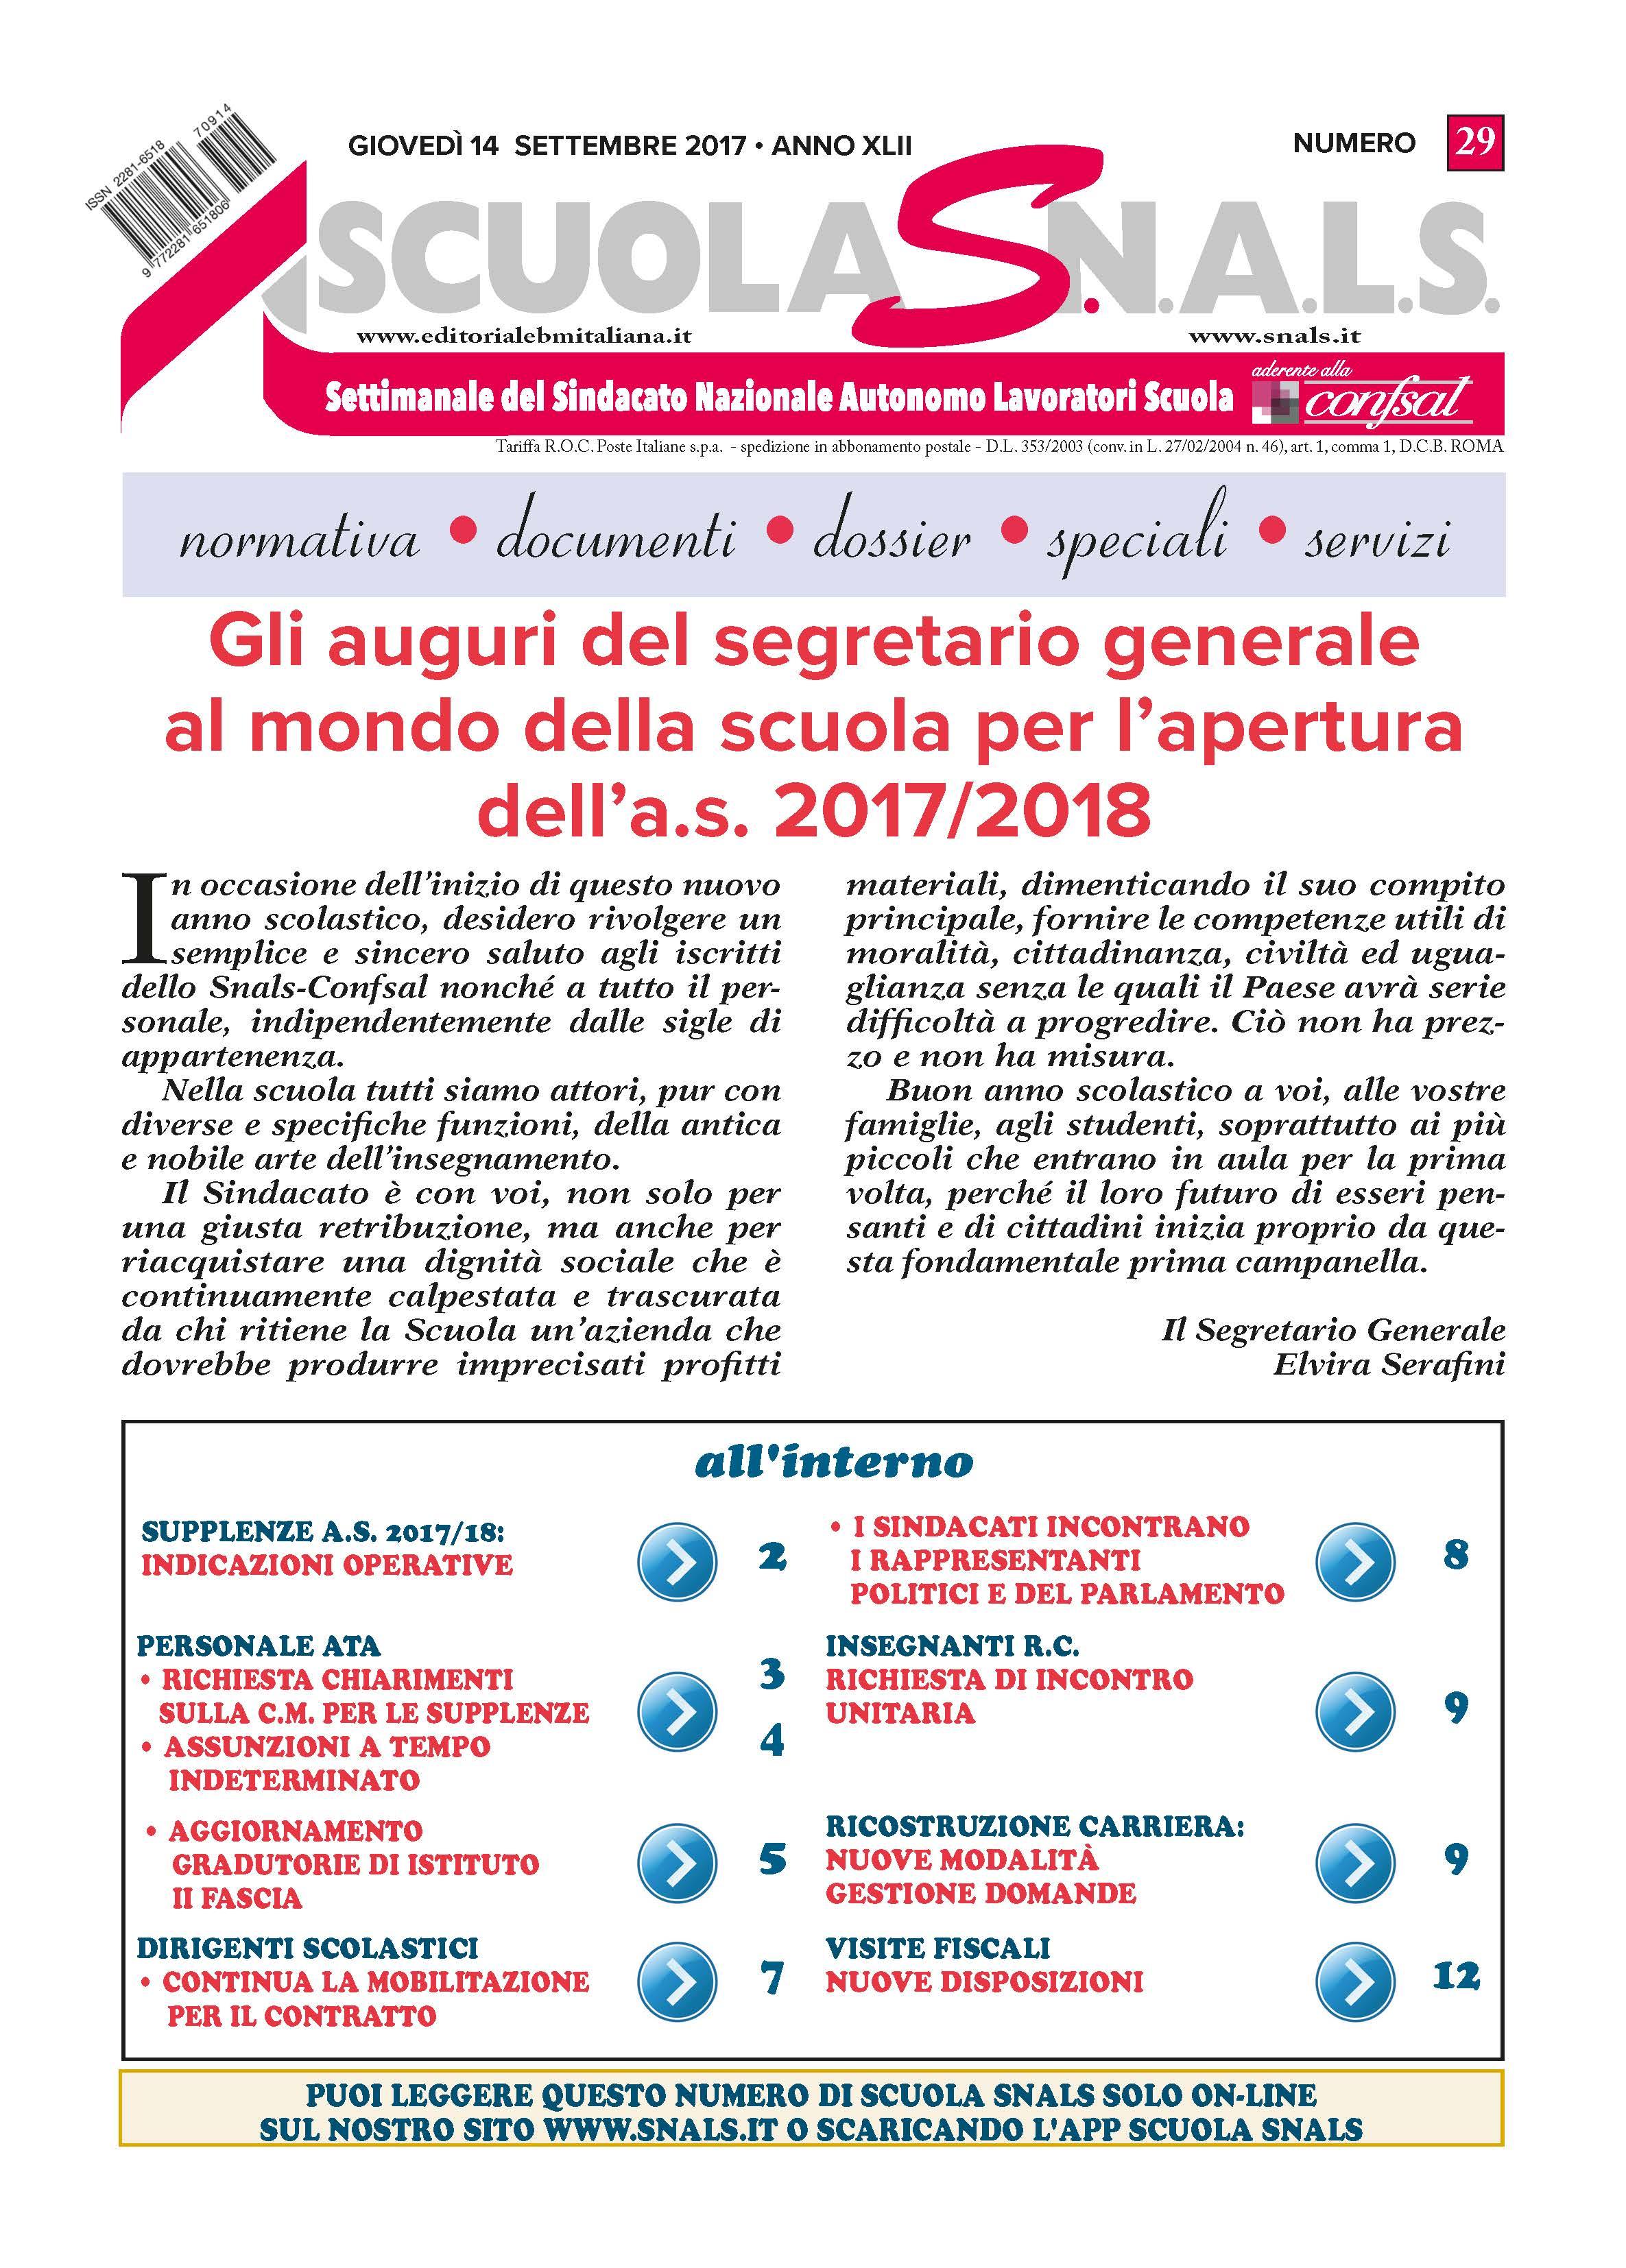 Gli auguri del segretario generale al mondo della scuola per l apertura dell a s 2017 2018